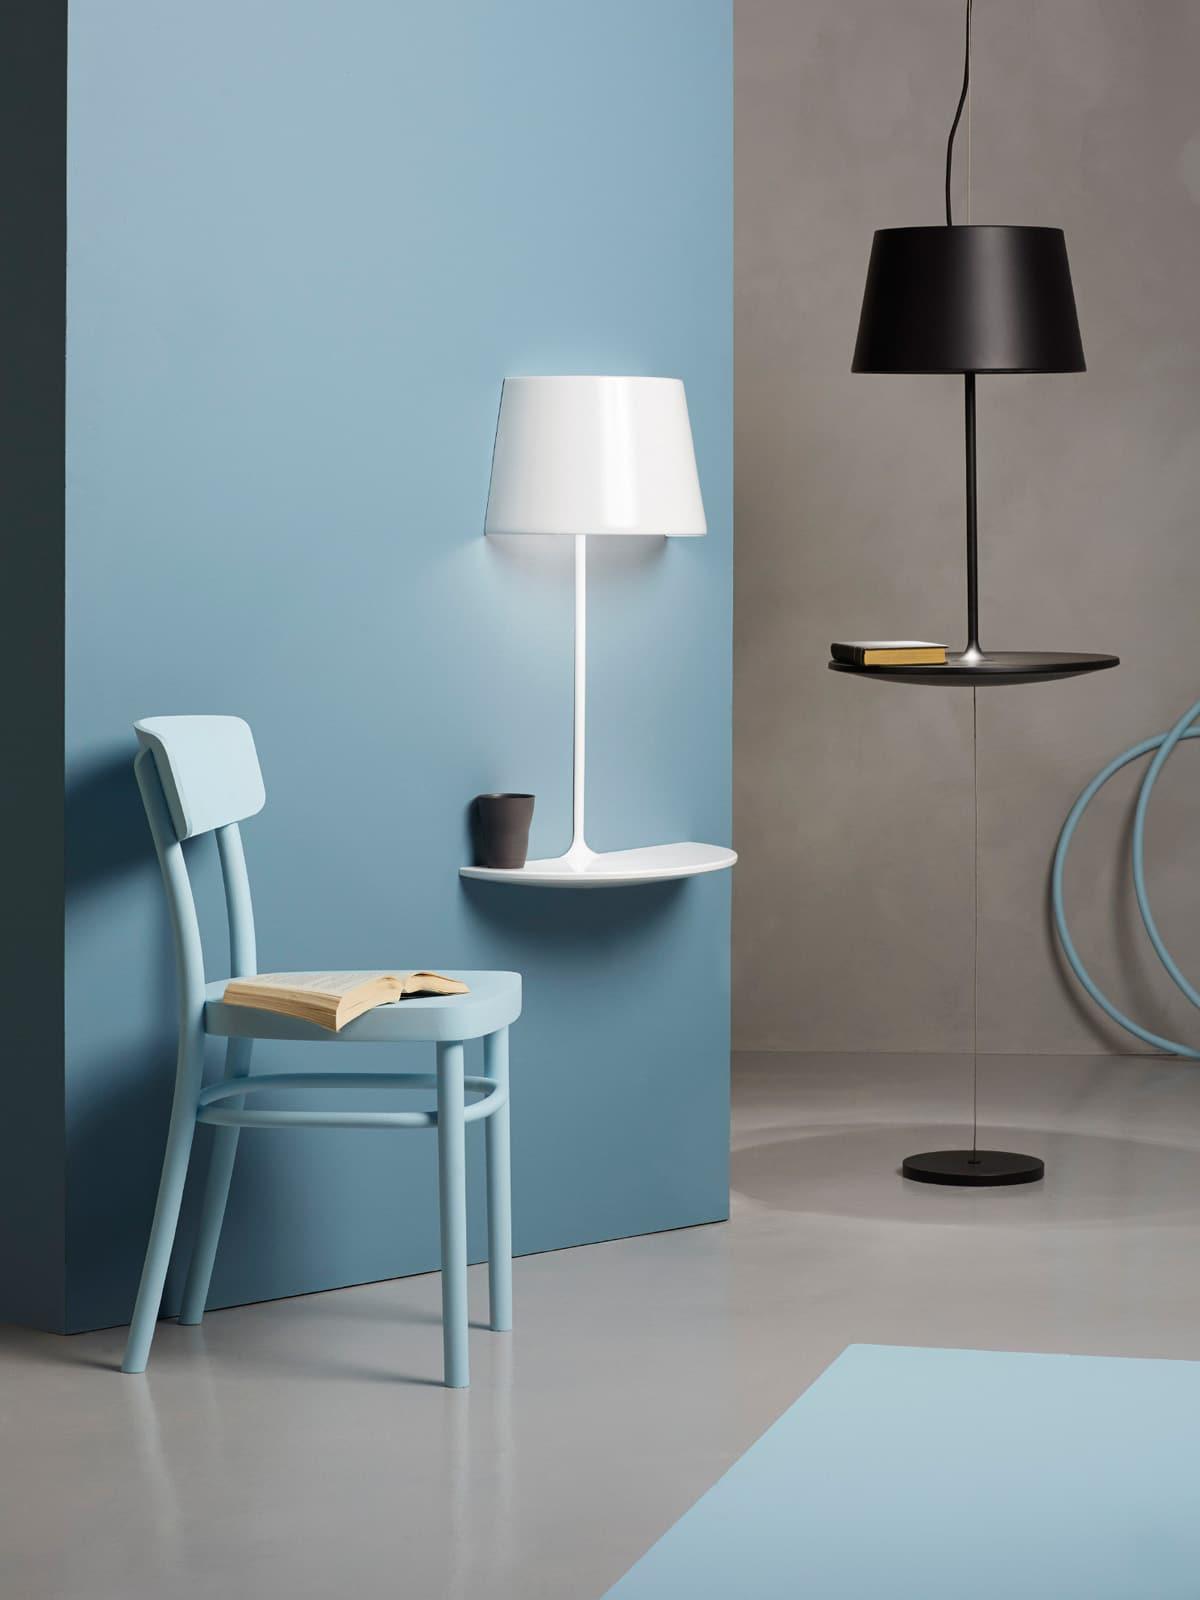 designerleuchten mit ablage bei designort lampen leuchten designerleuchten online berlin design. Black Bedroom Furniture Sets. Home Design Ideas